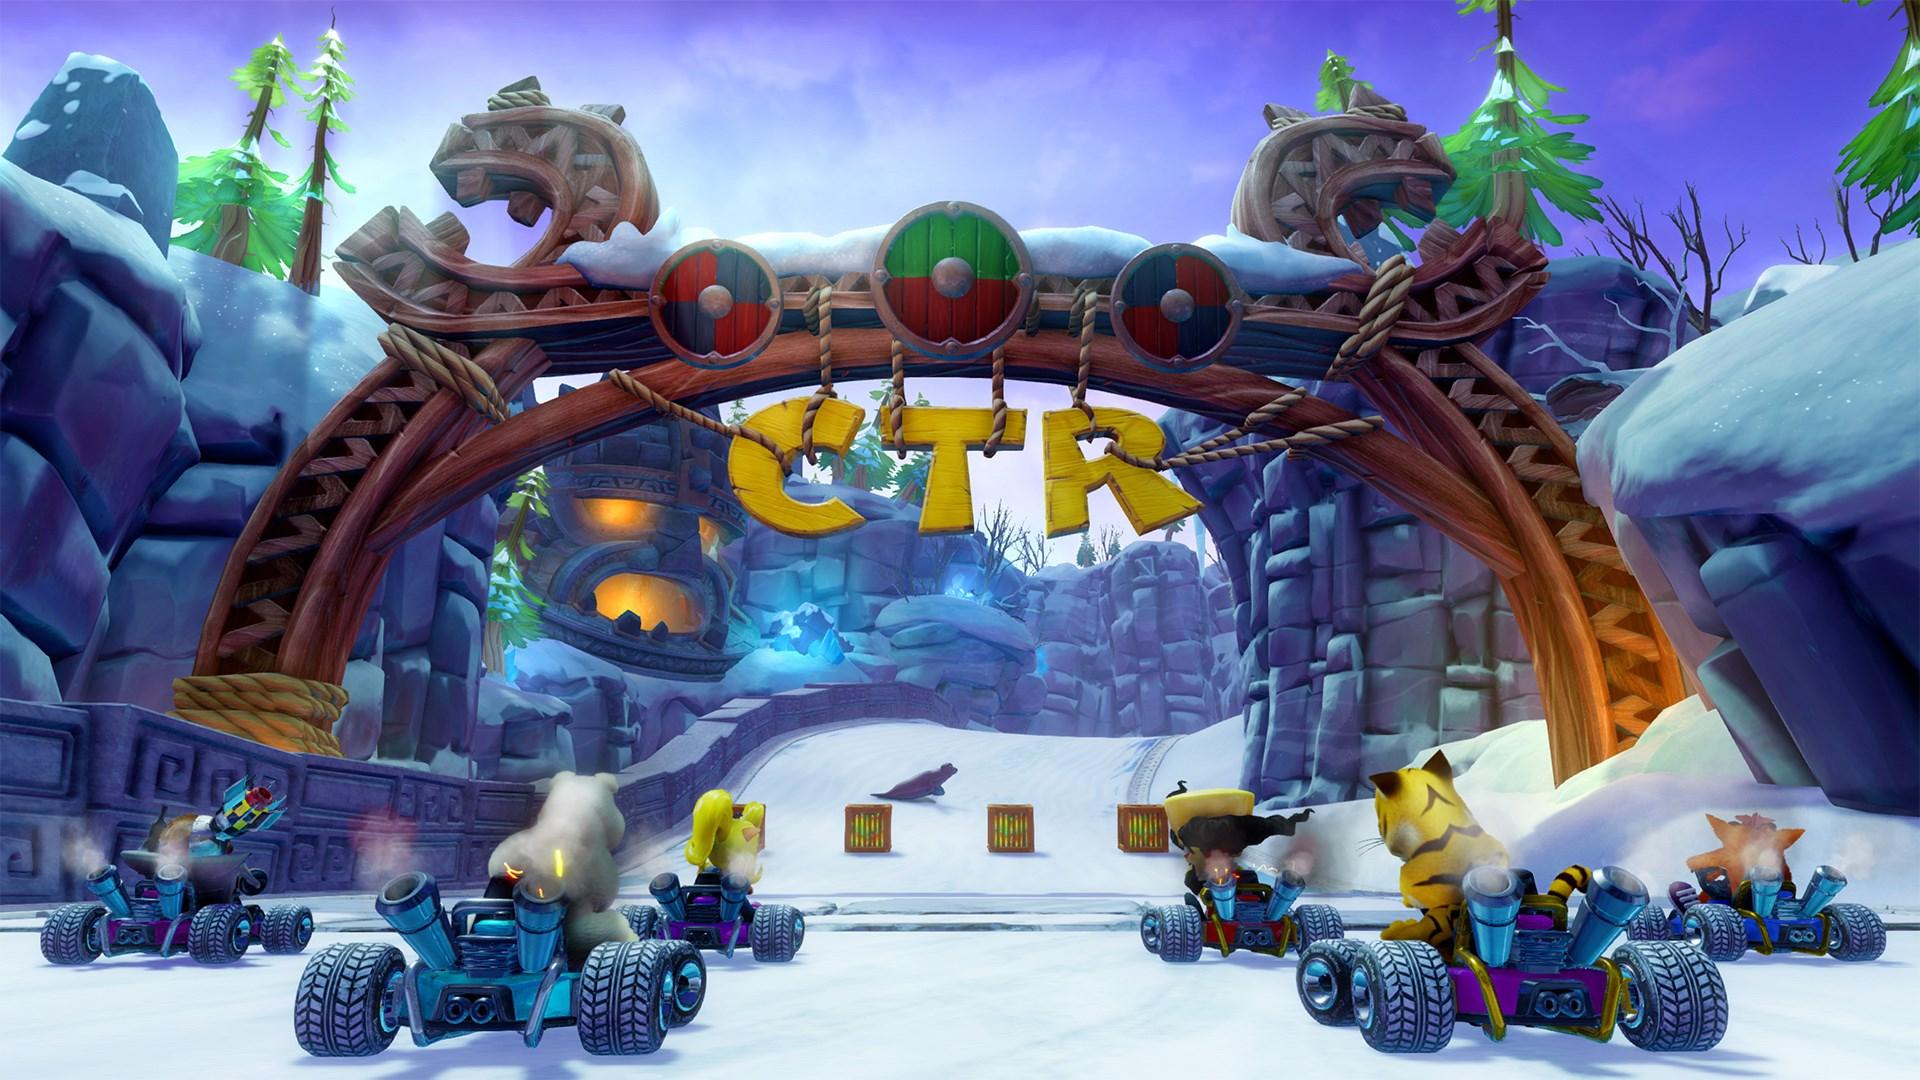 Скриншот №9 к Crash™ Team Racing Nitro-Fueled - издание Nitros Oxide